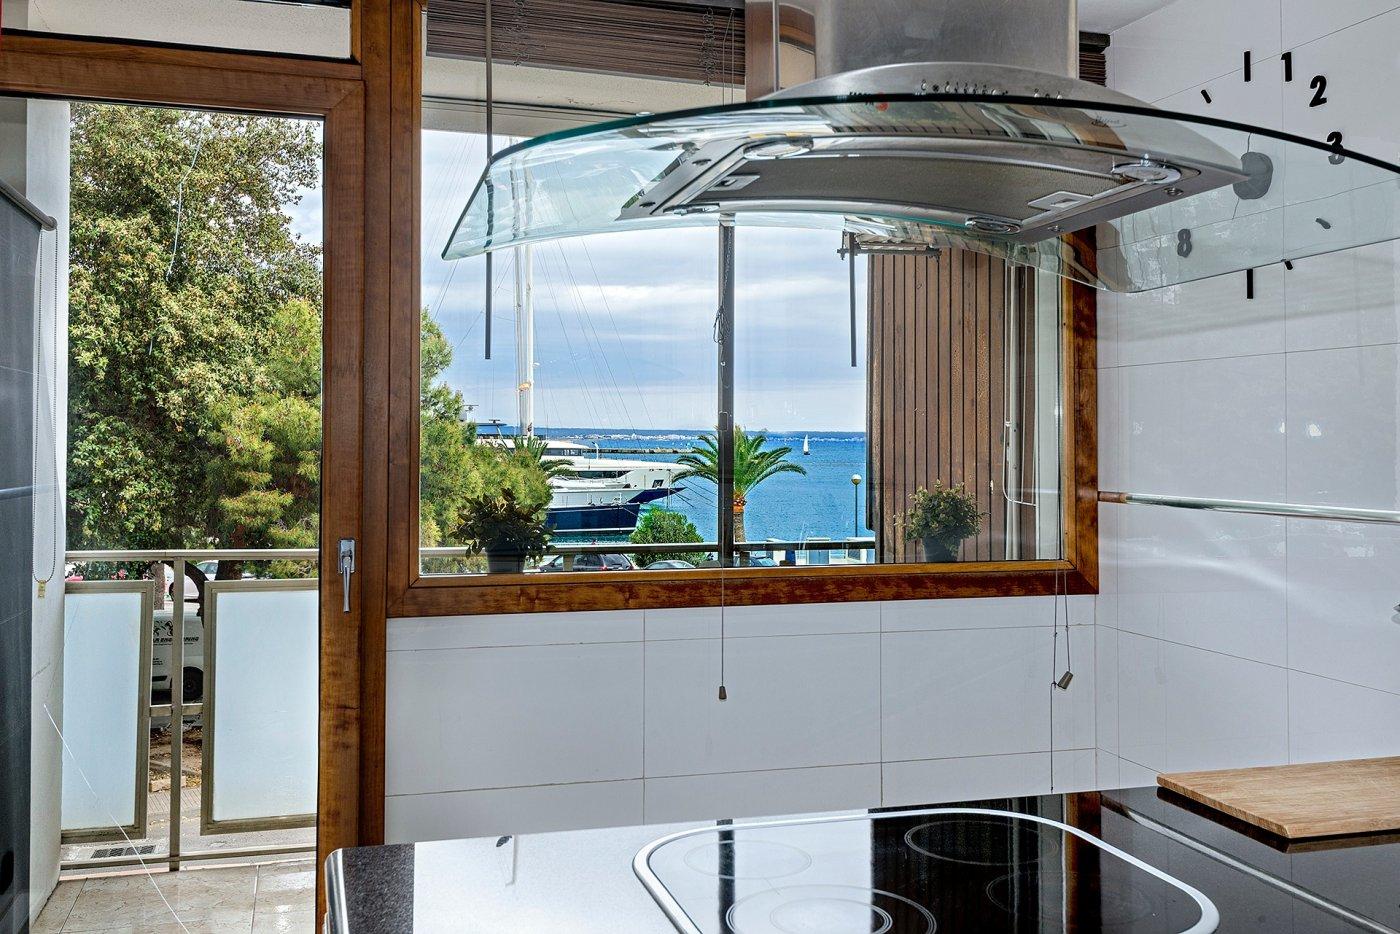 Apartamento con vistas al mar en paseo marítimo - imagenInmueble2